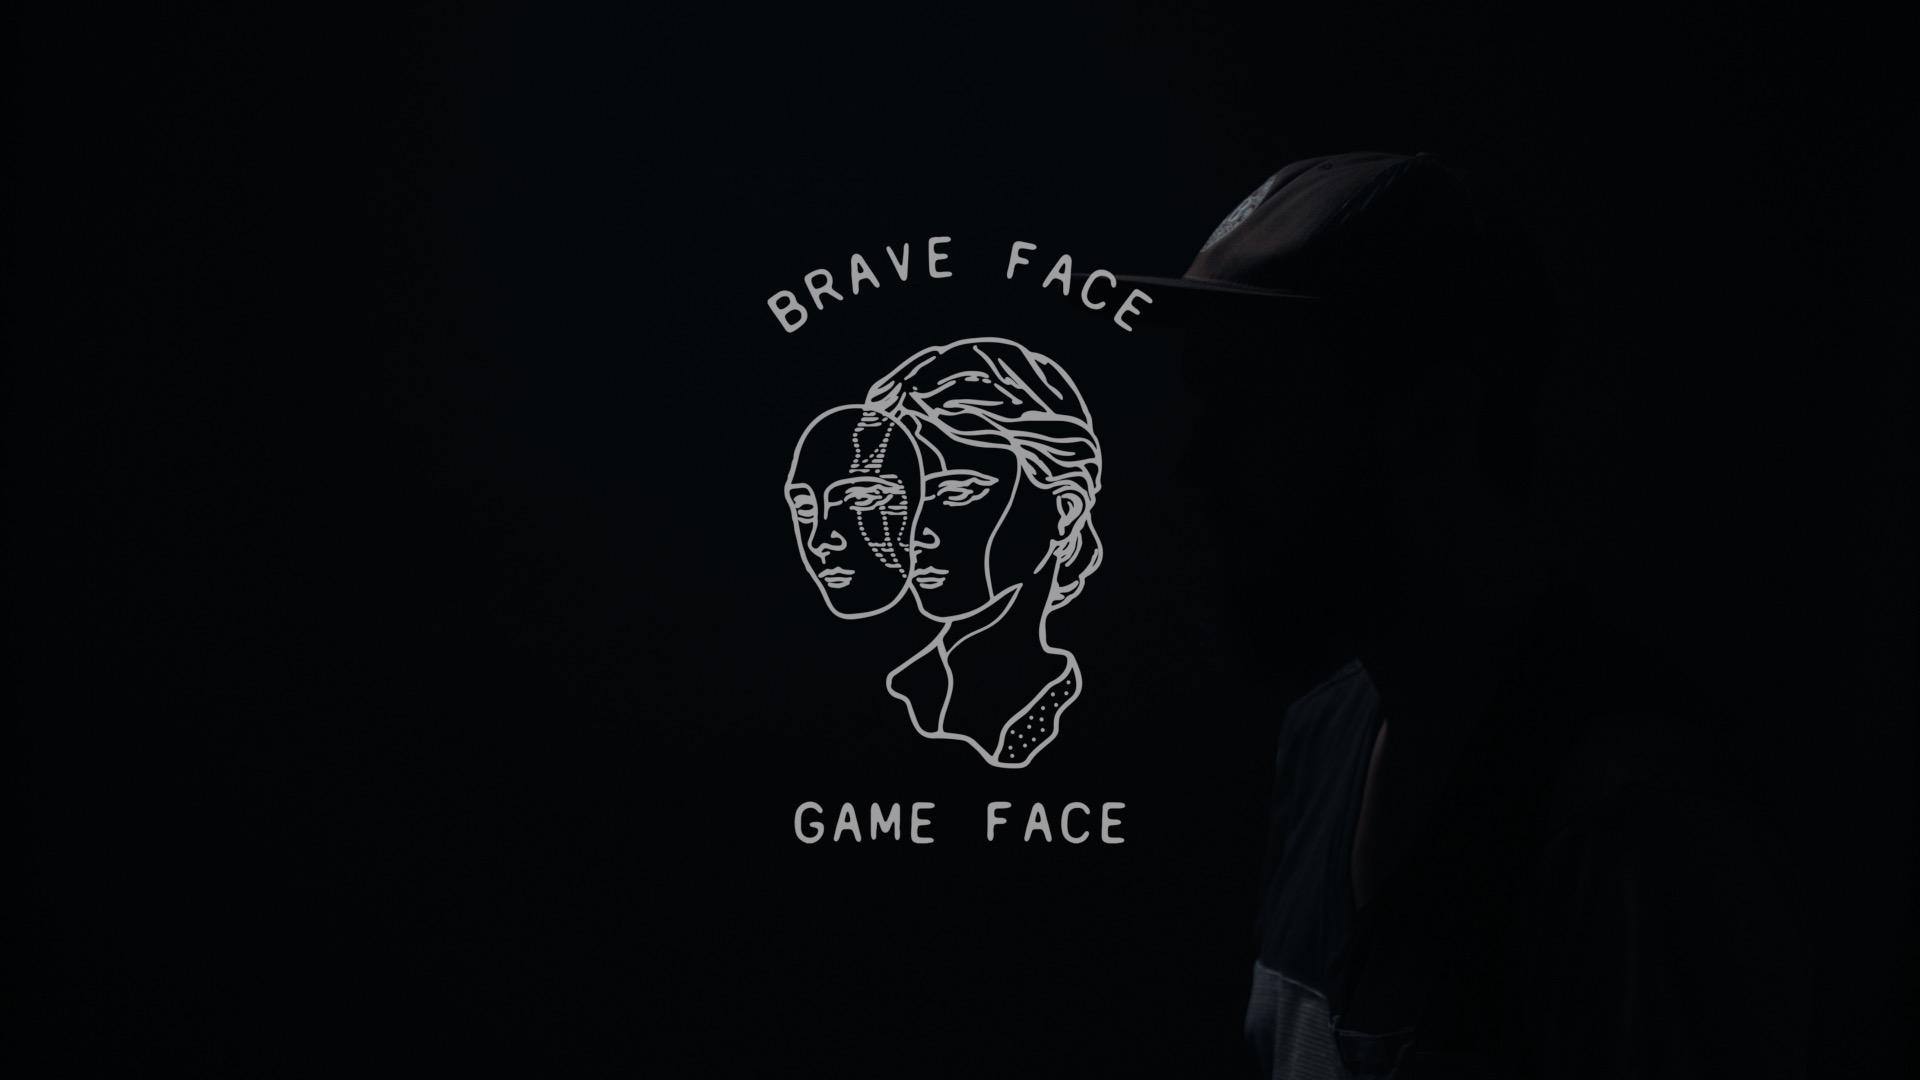 Brave Face IG1 Logo Still.jpg